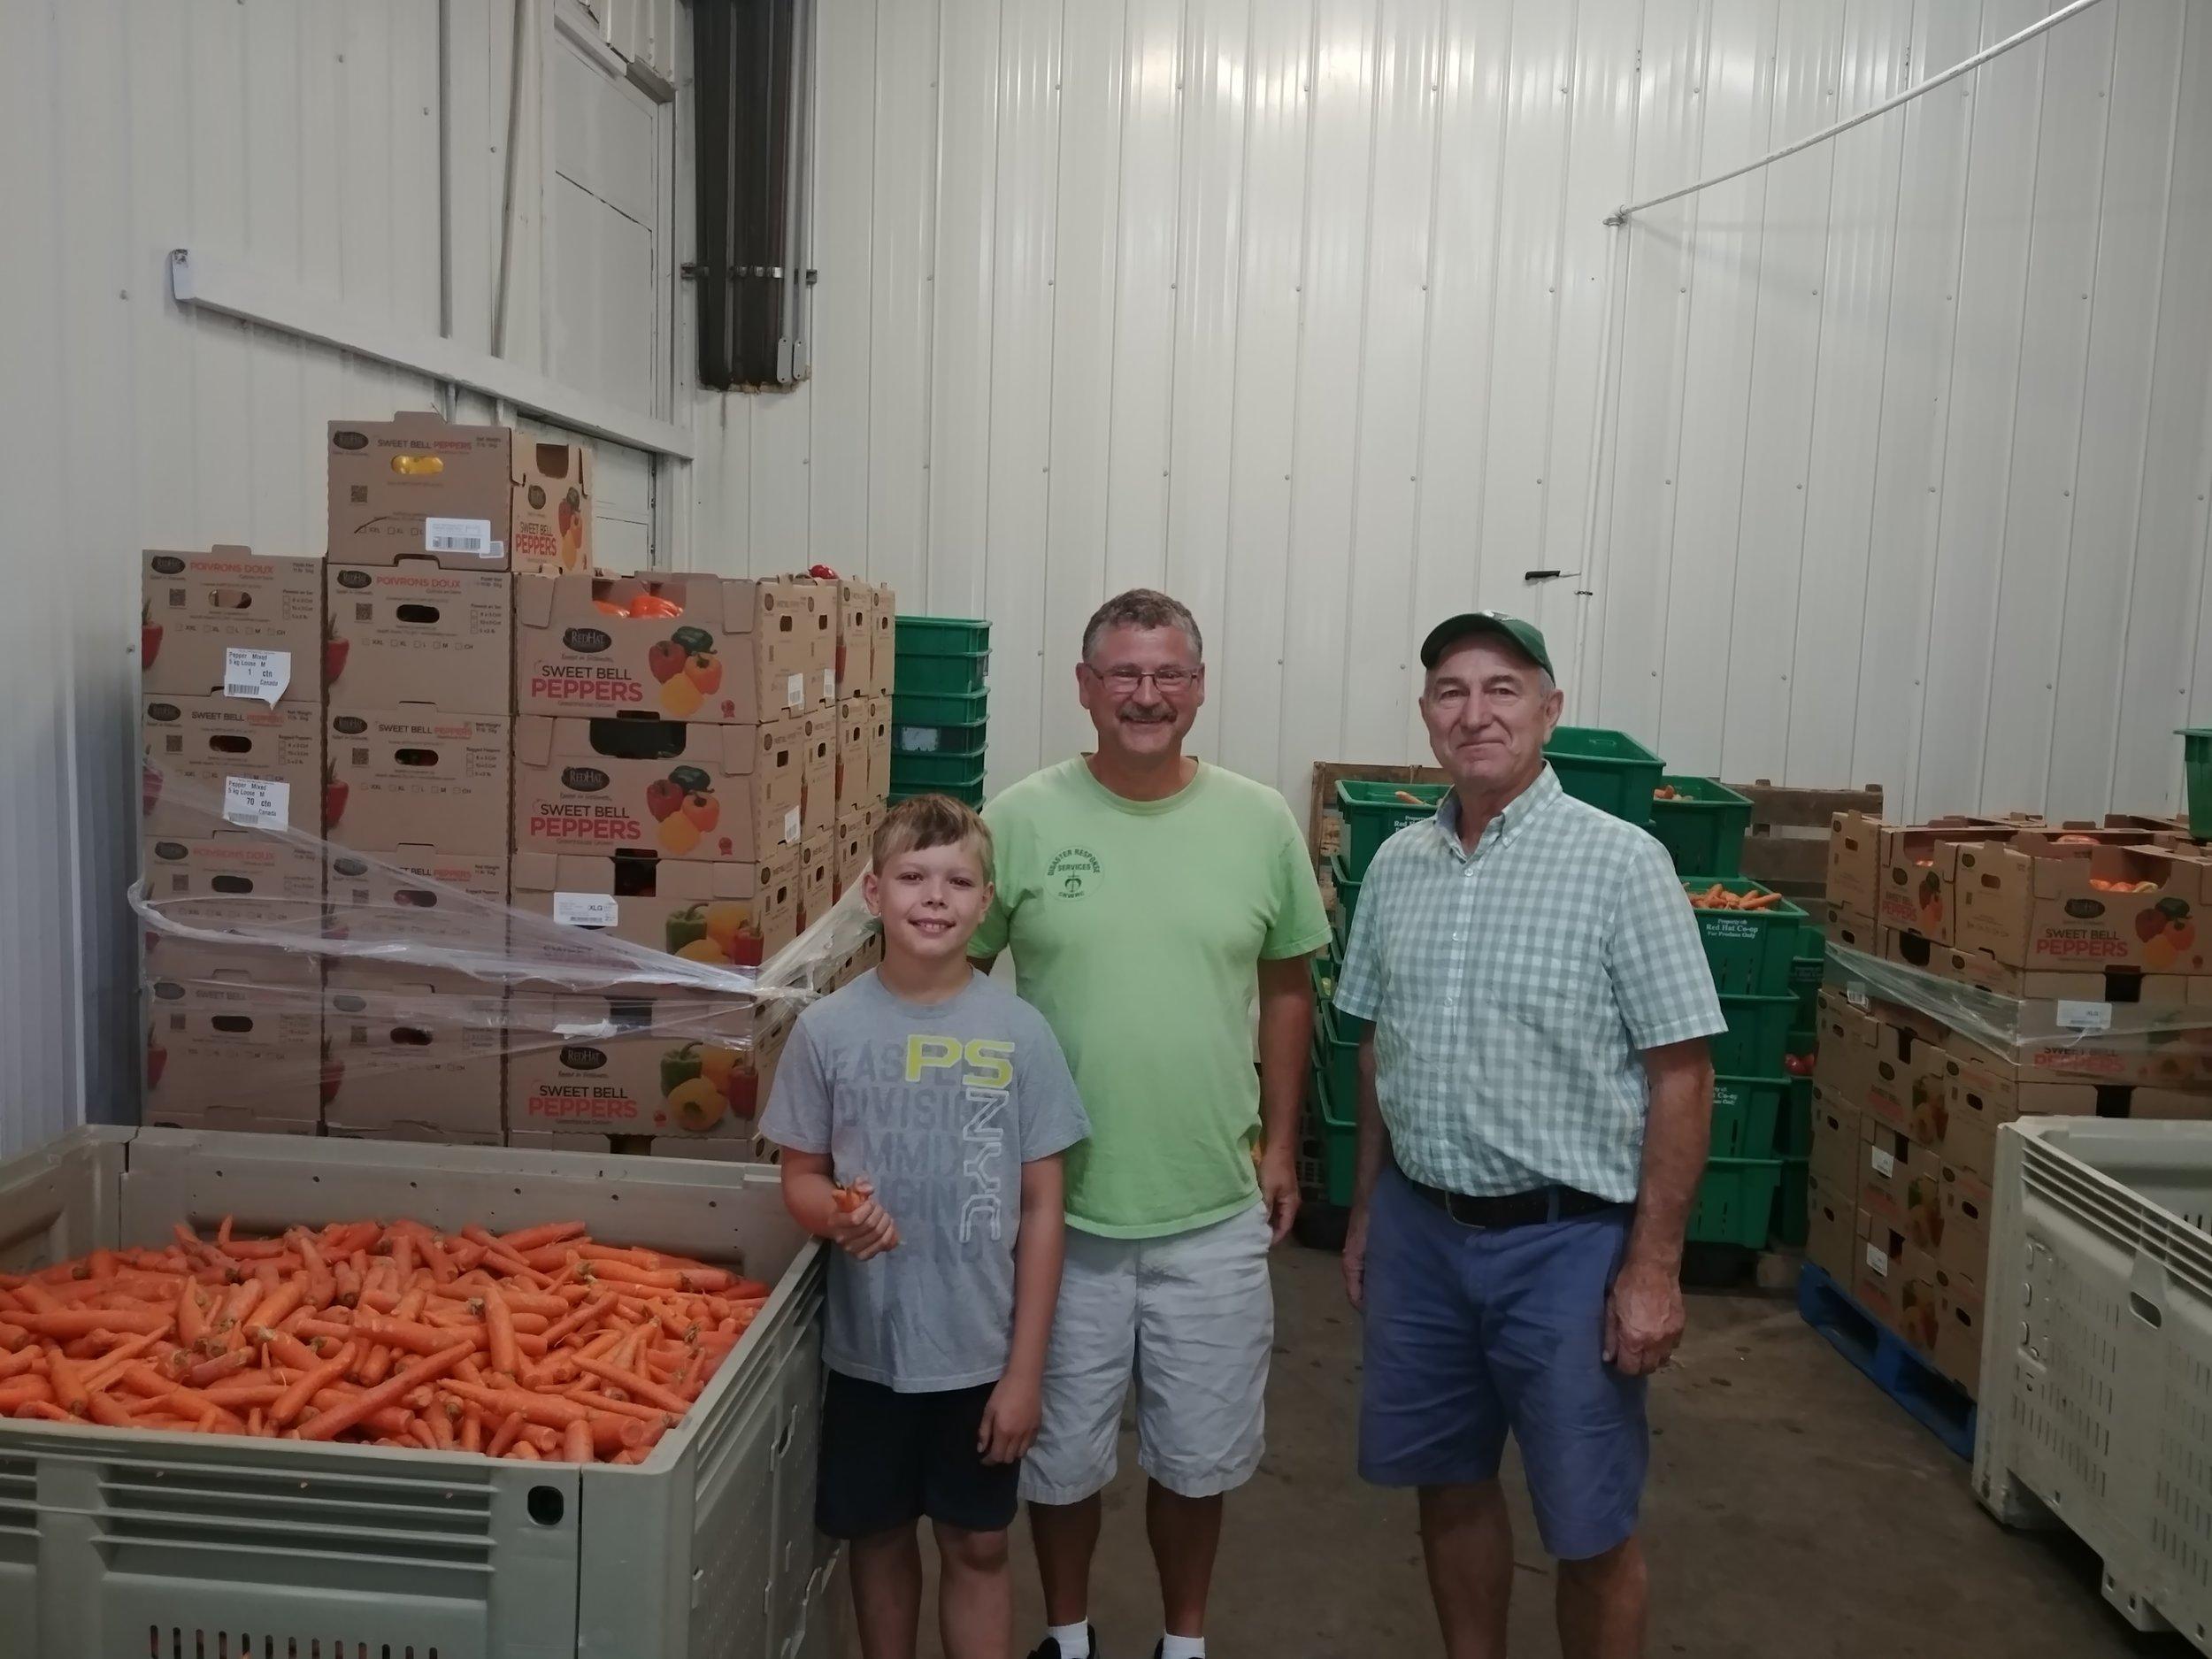 Isaiah, George and Ken at Prairie Gleaners